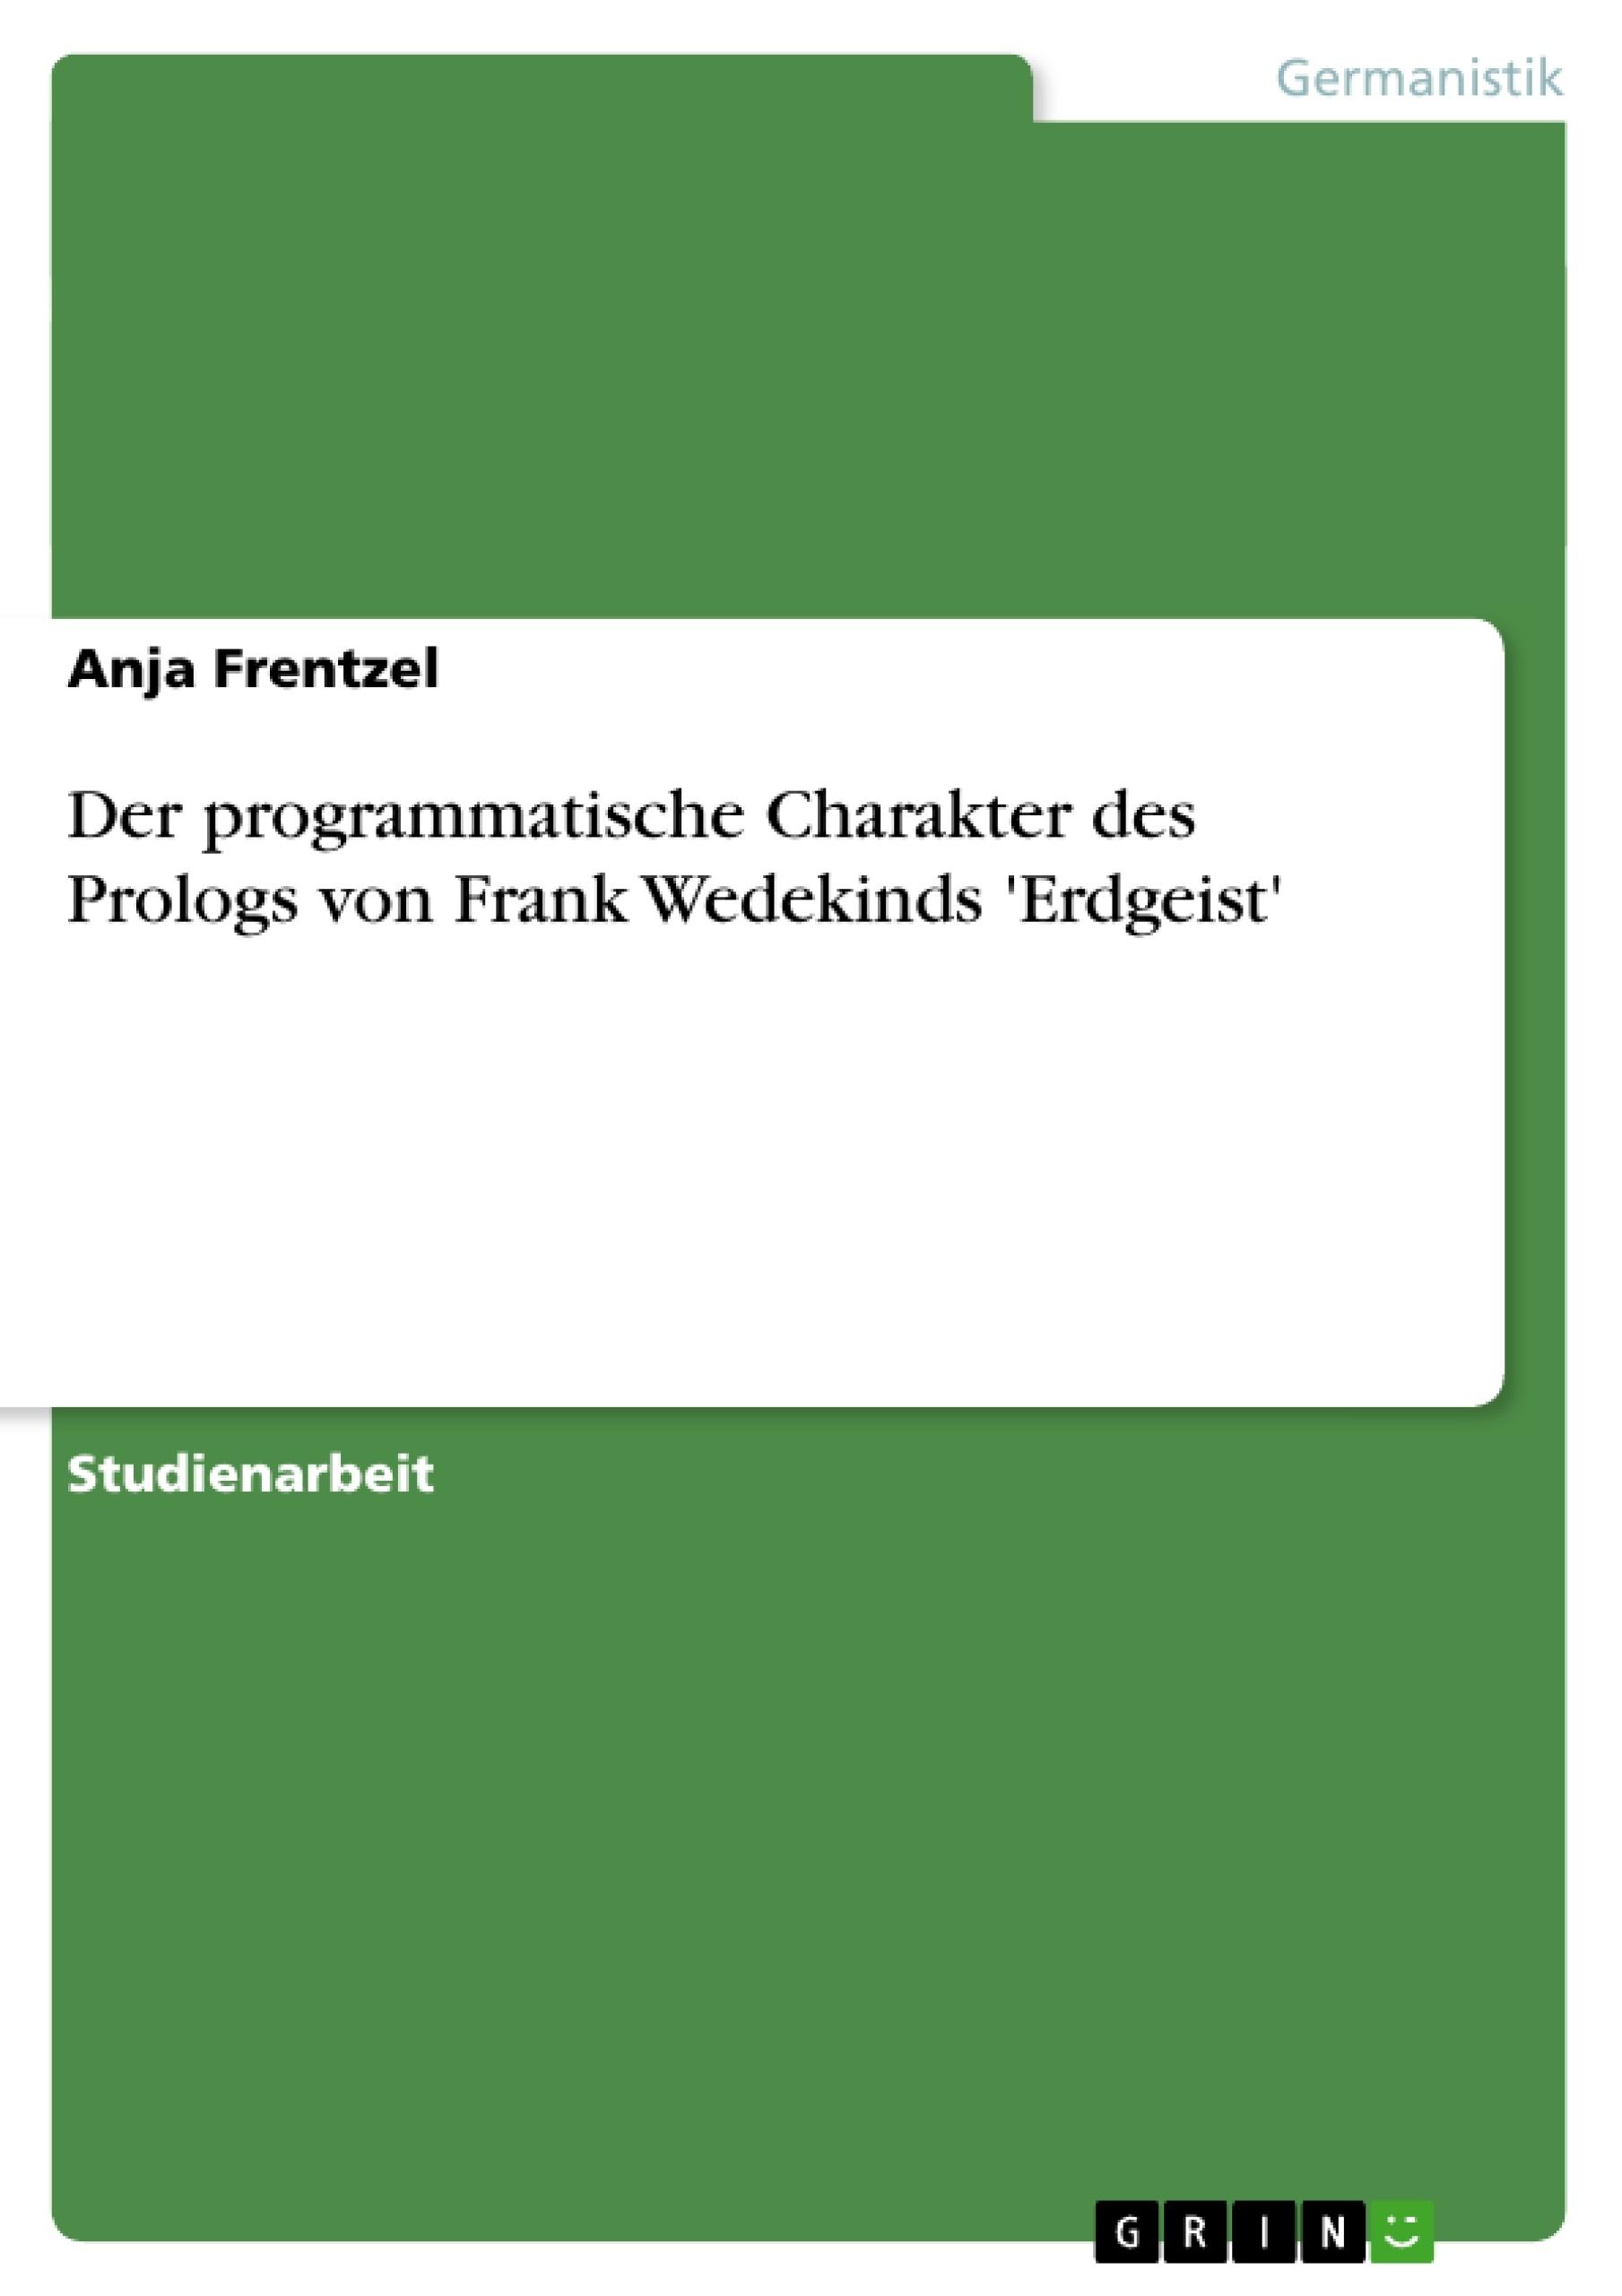 Titel: Der programmatische Charakter des Prologs von Frank Wedekinds 'Erdgeist'